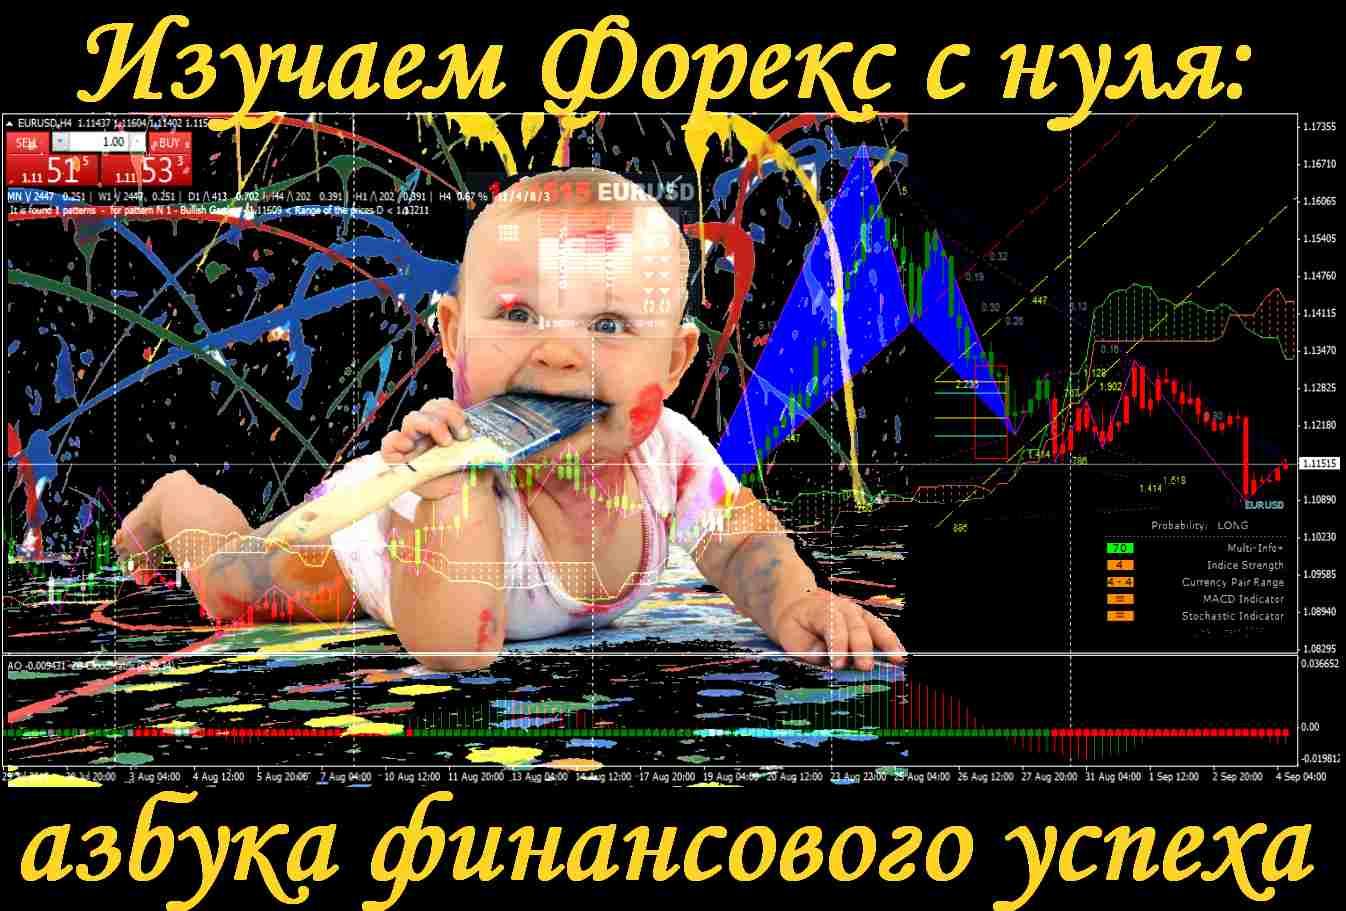 Заработать Деньги Заработок на Форекс с Нуля - Rzidp:реальный [заработок] в Интернете (дома на Пк)